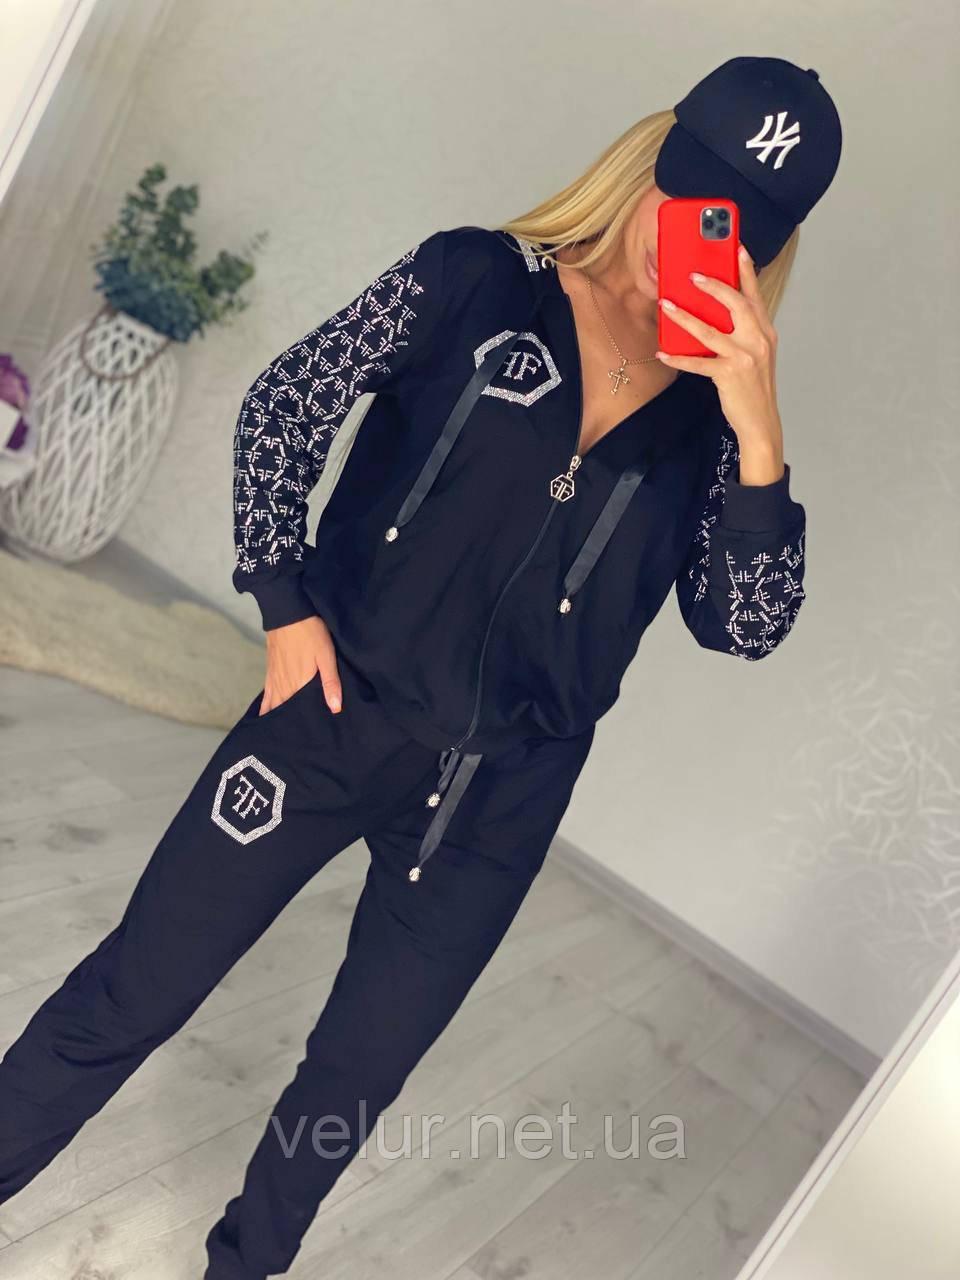 Жіночий чорний трикотажний костюм (Туреччина); Розміри:2хл,3хл,4хл,5хл повномірні